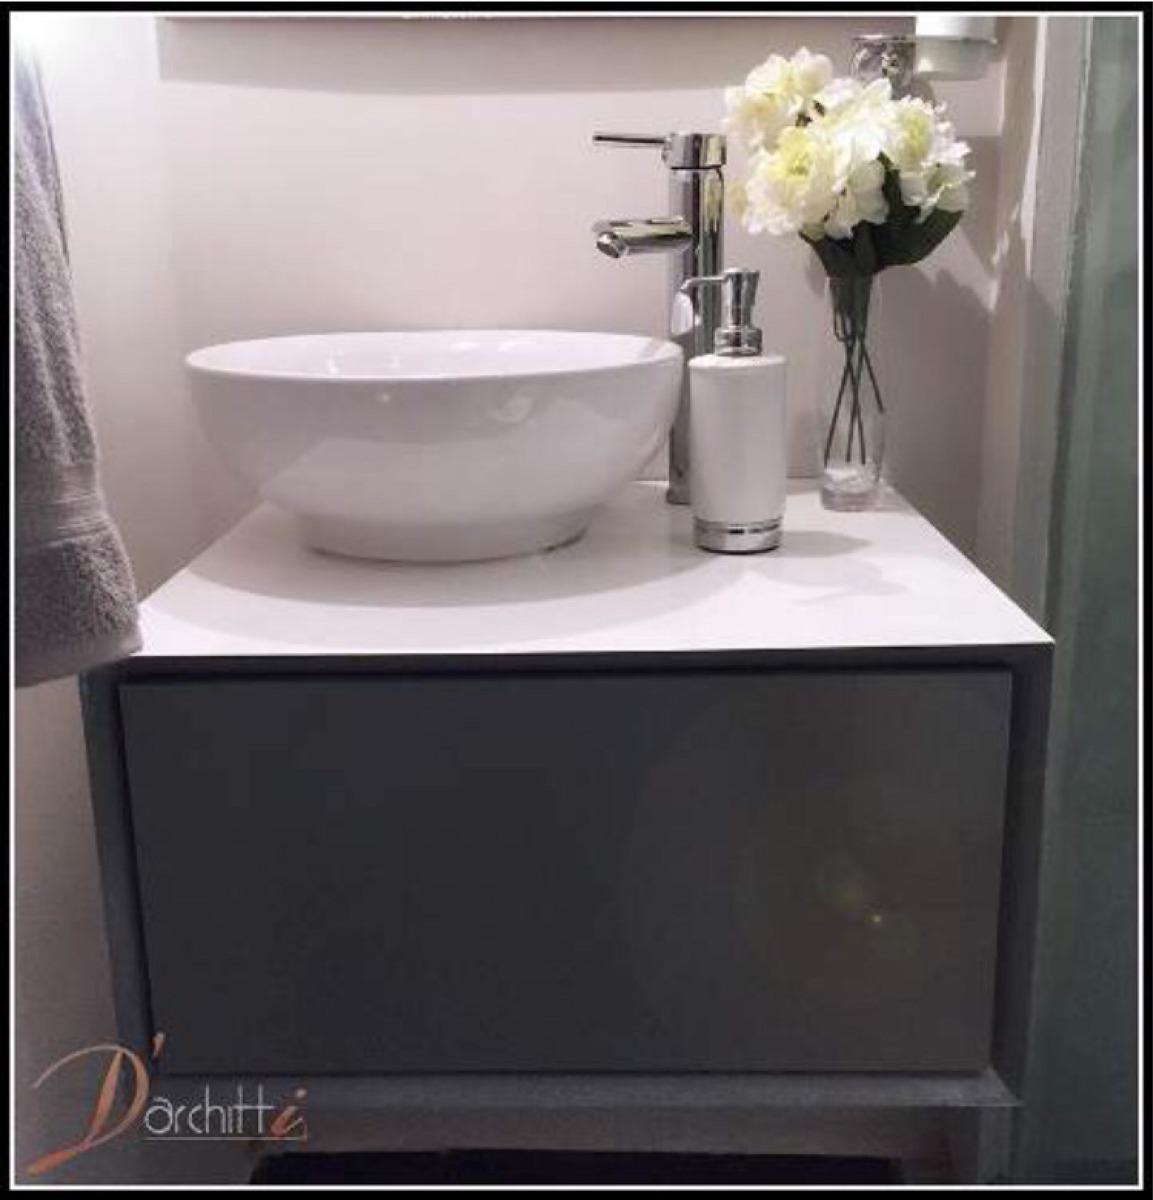 Muebles para ba o con ovalin - Fotos de muebles de bano modernos ...